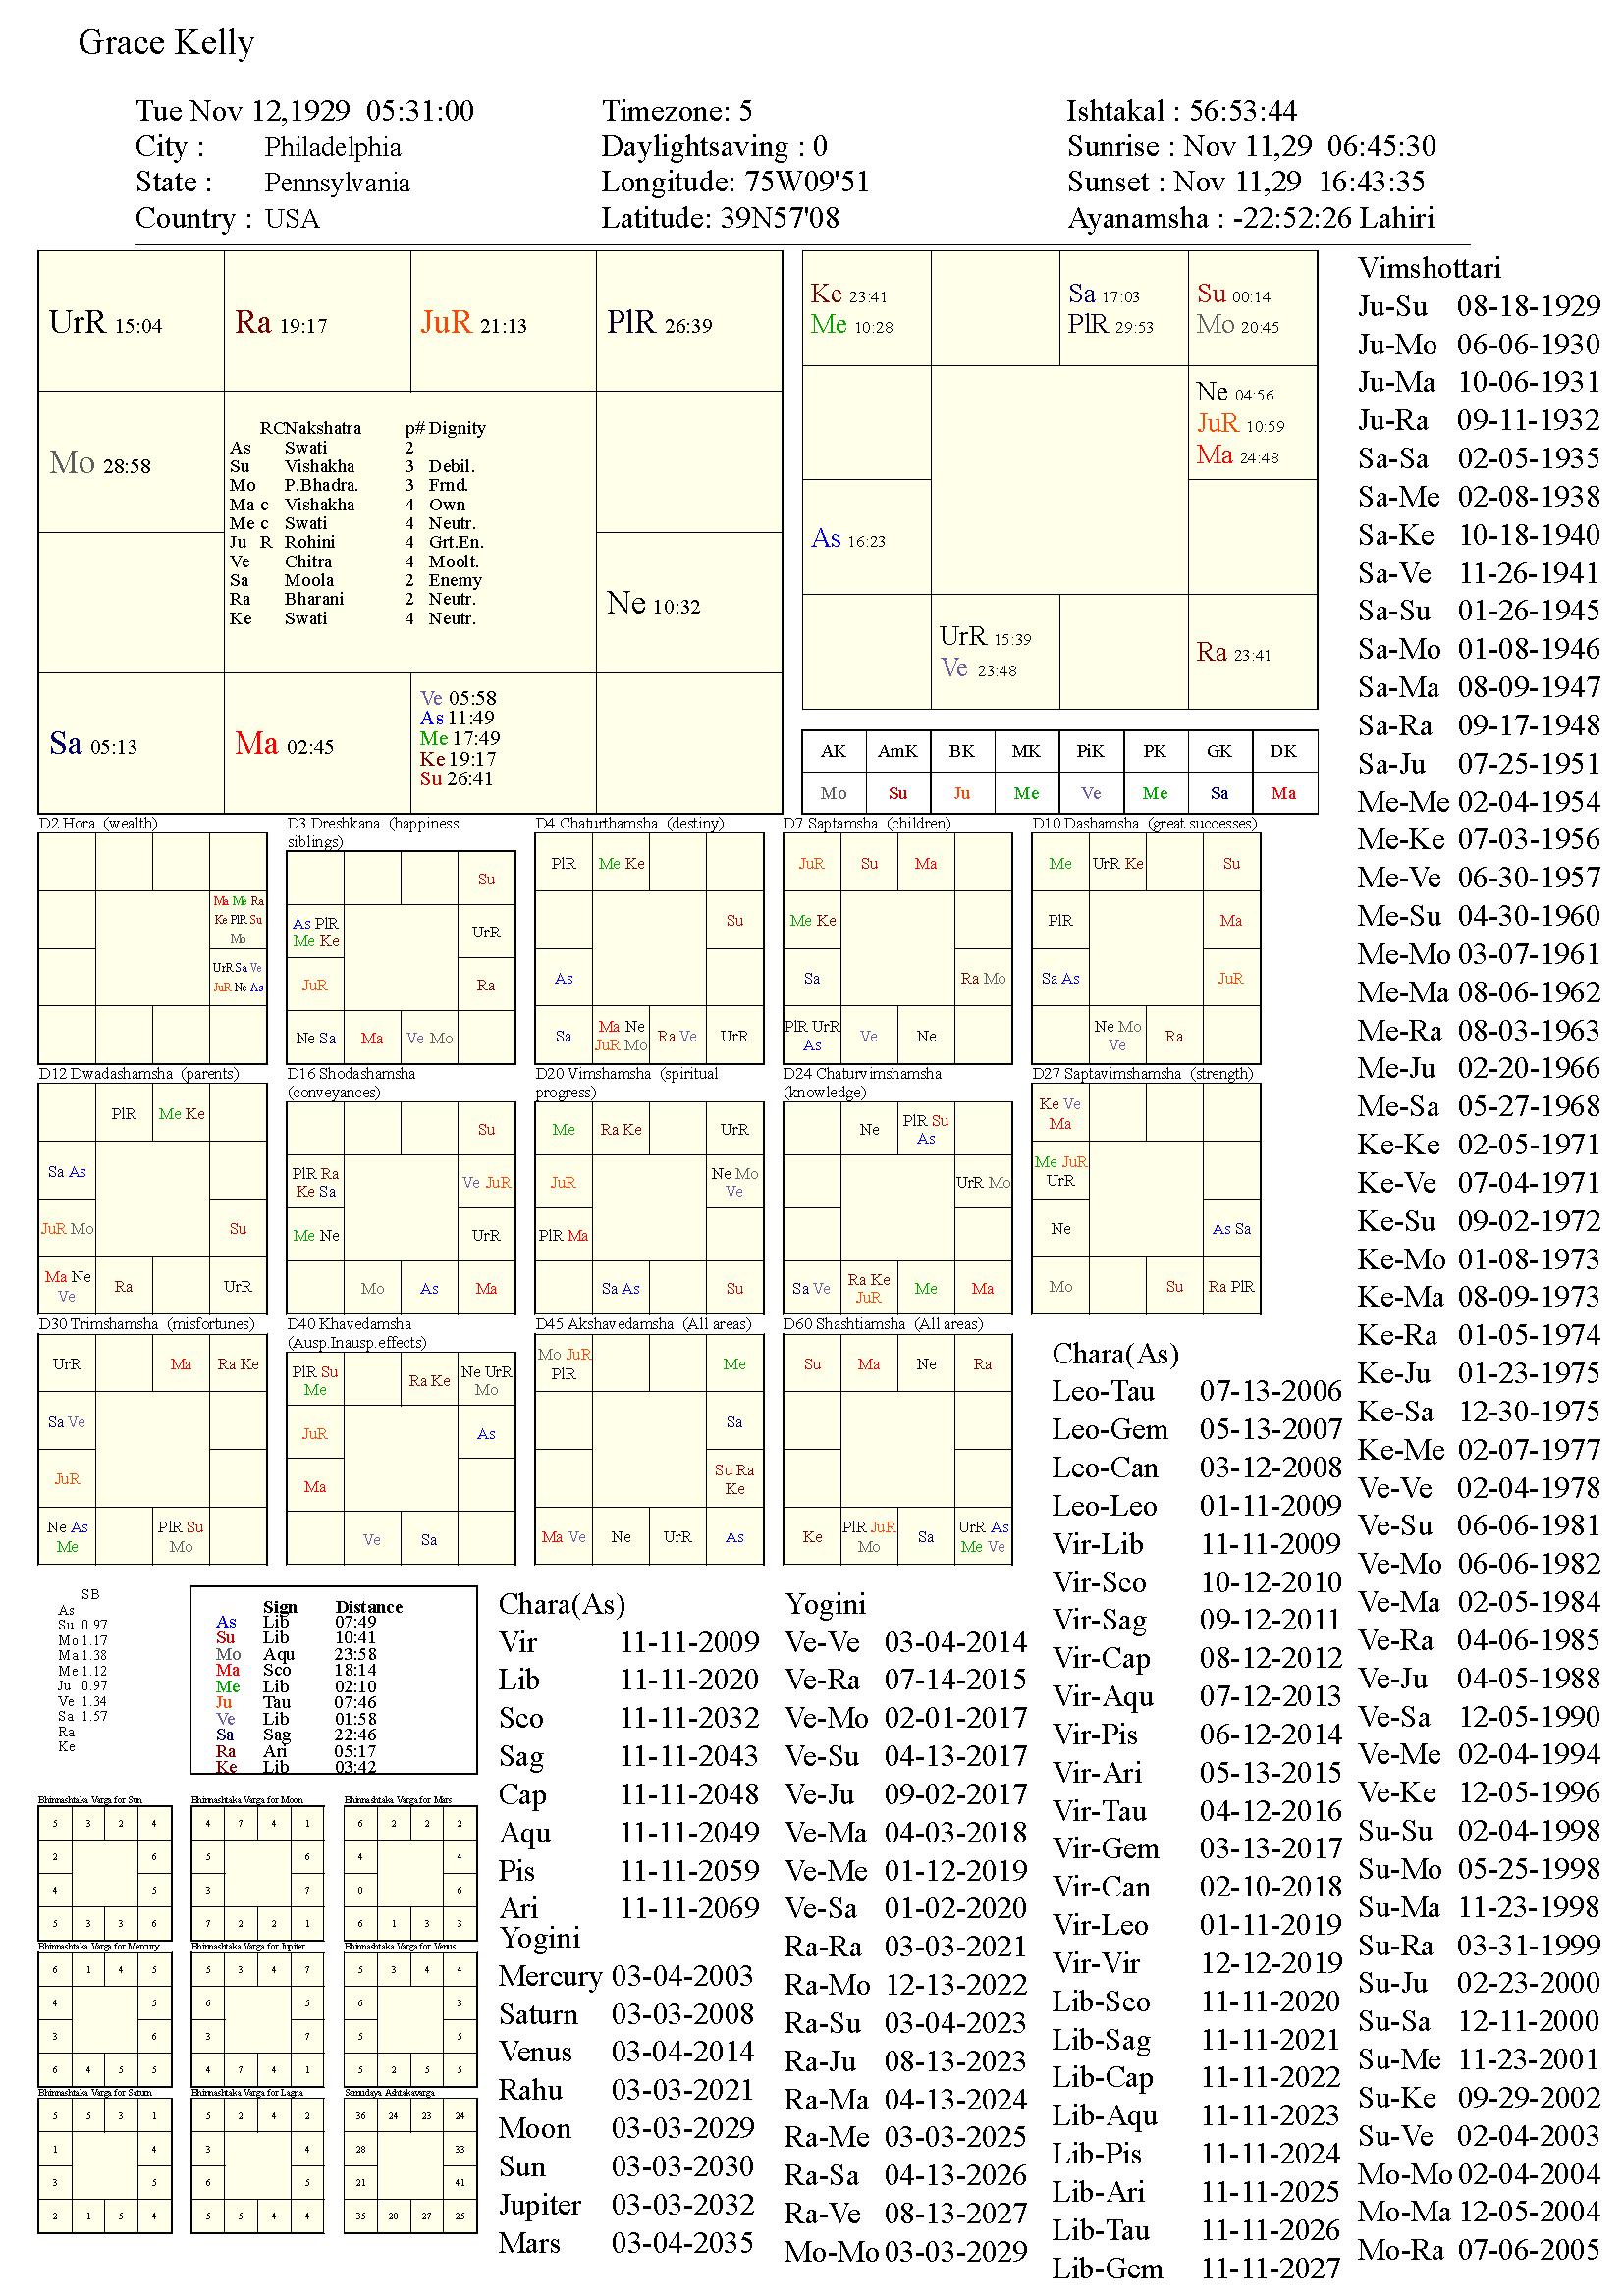 gracekelly_chart